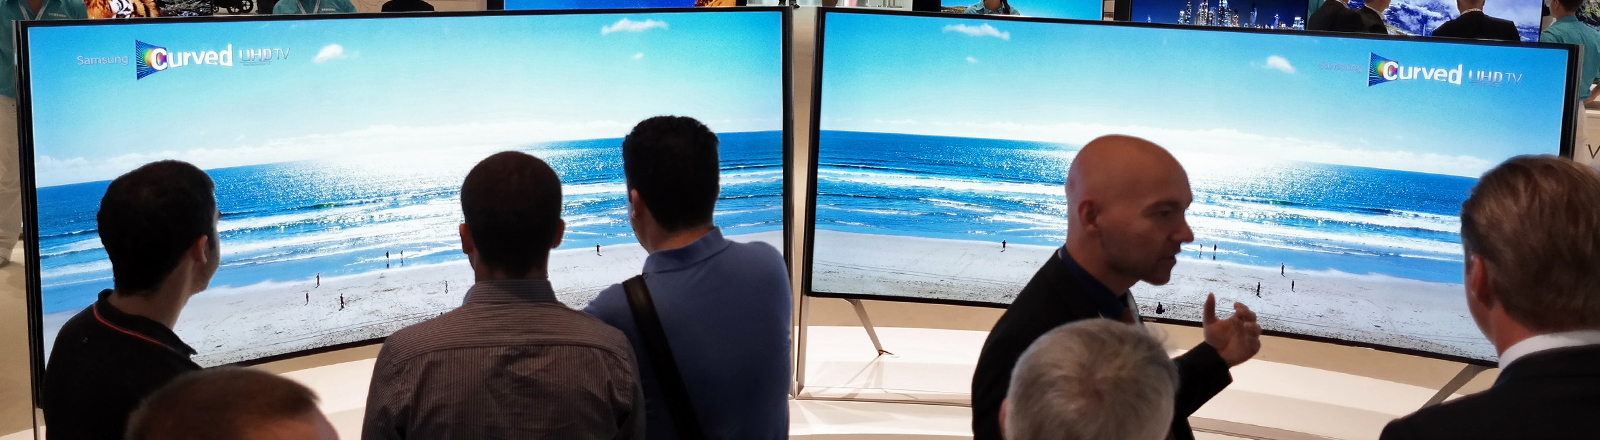 Menschen stehen vor zwei Fernsehern von Samsung und gucken die sich an.